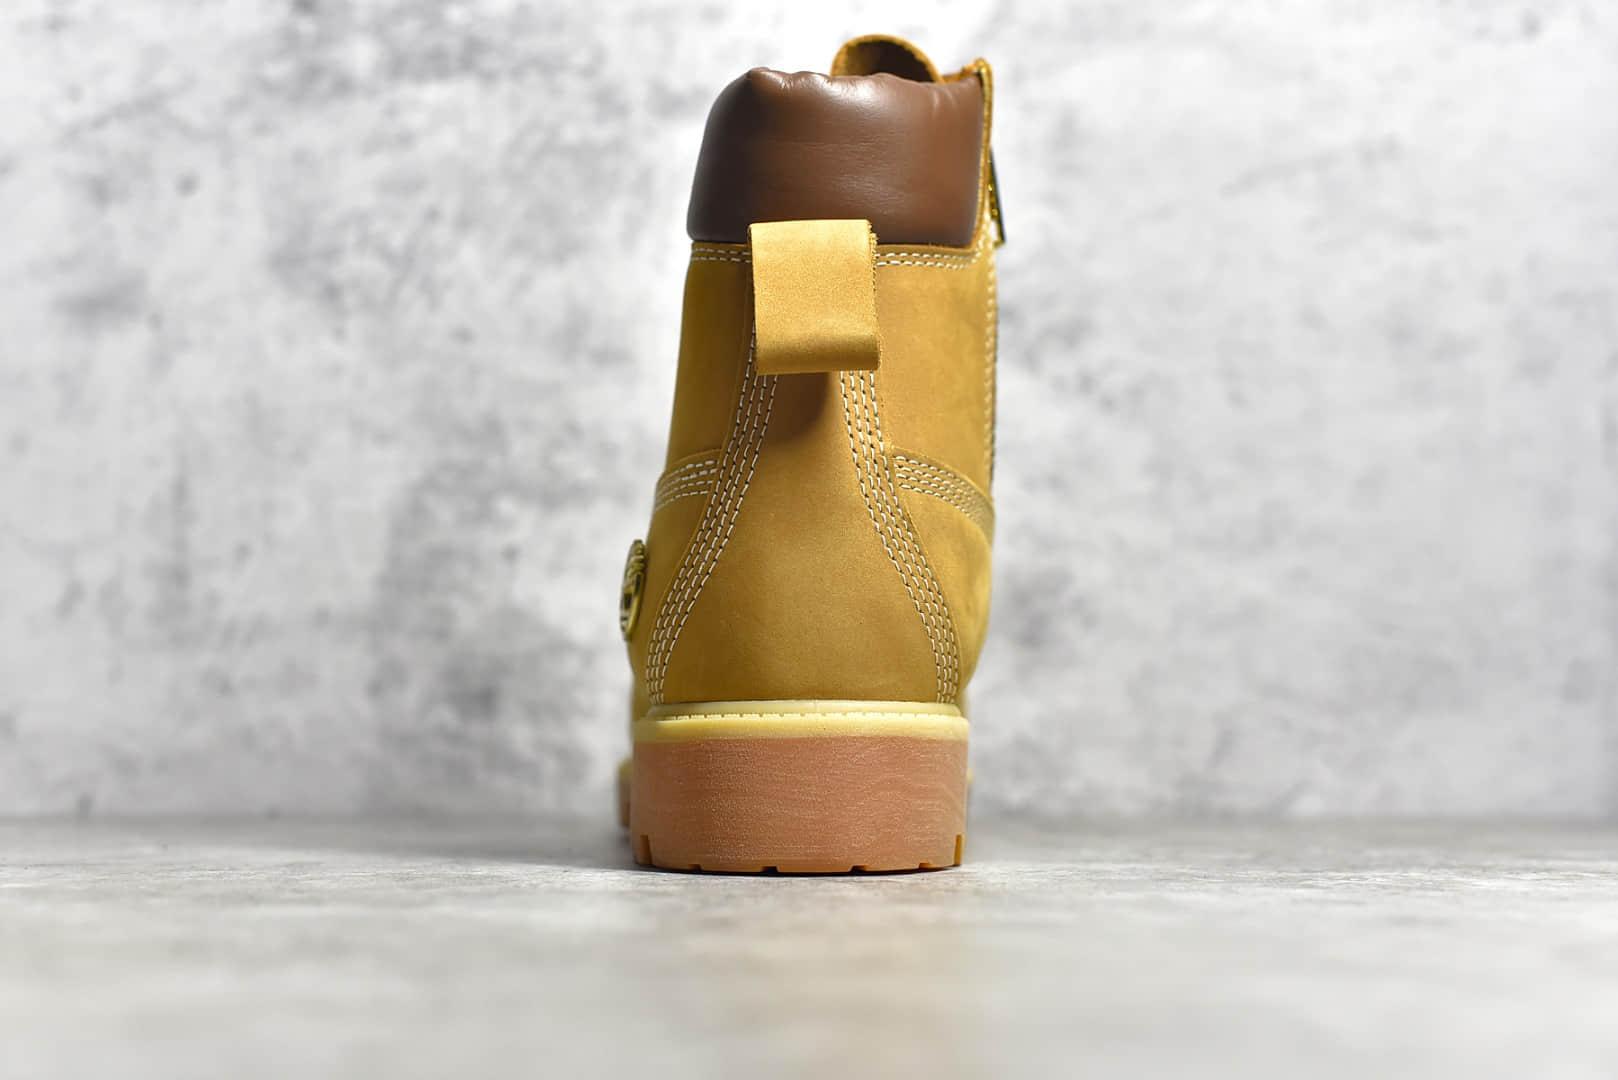 天伯伦斯图西联名大黄靴 Timbeland x Stussy 6 lnch boot 天伯伦秋冬款防水防污高帮马丁靴-潮流者之家